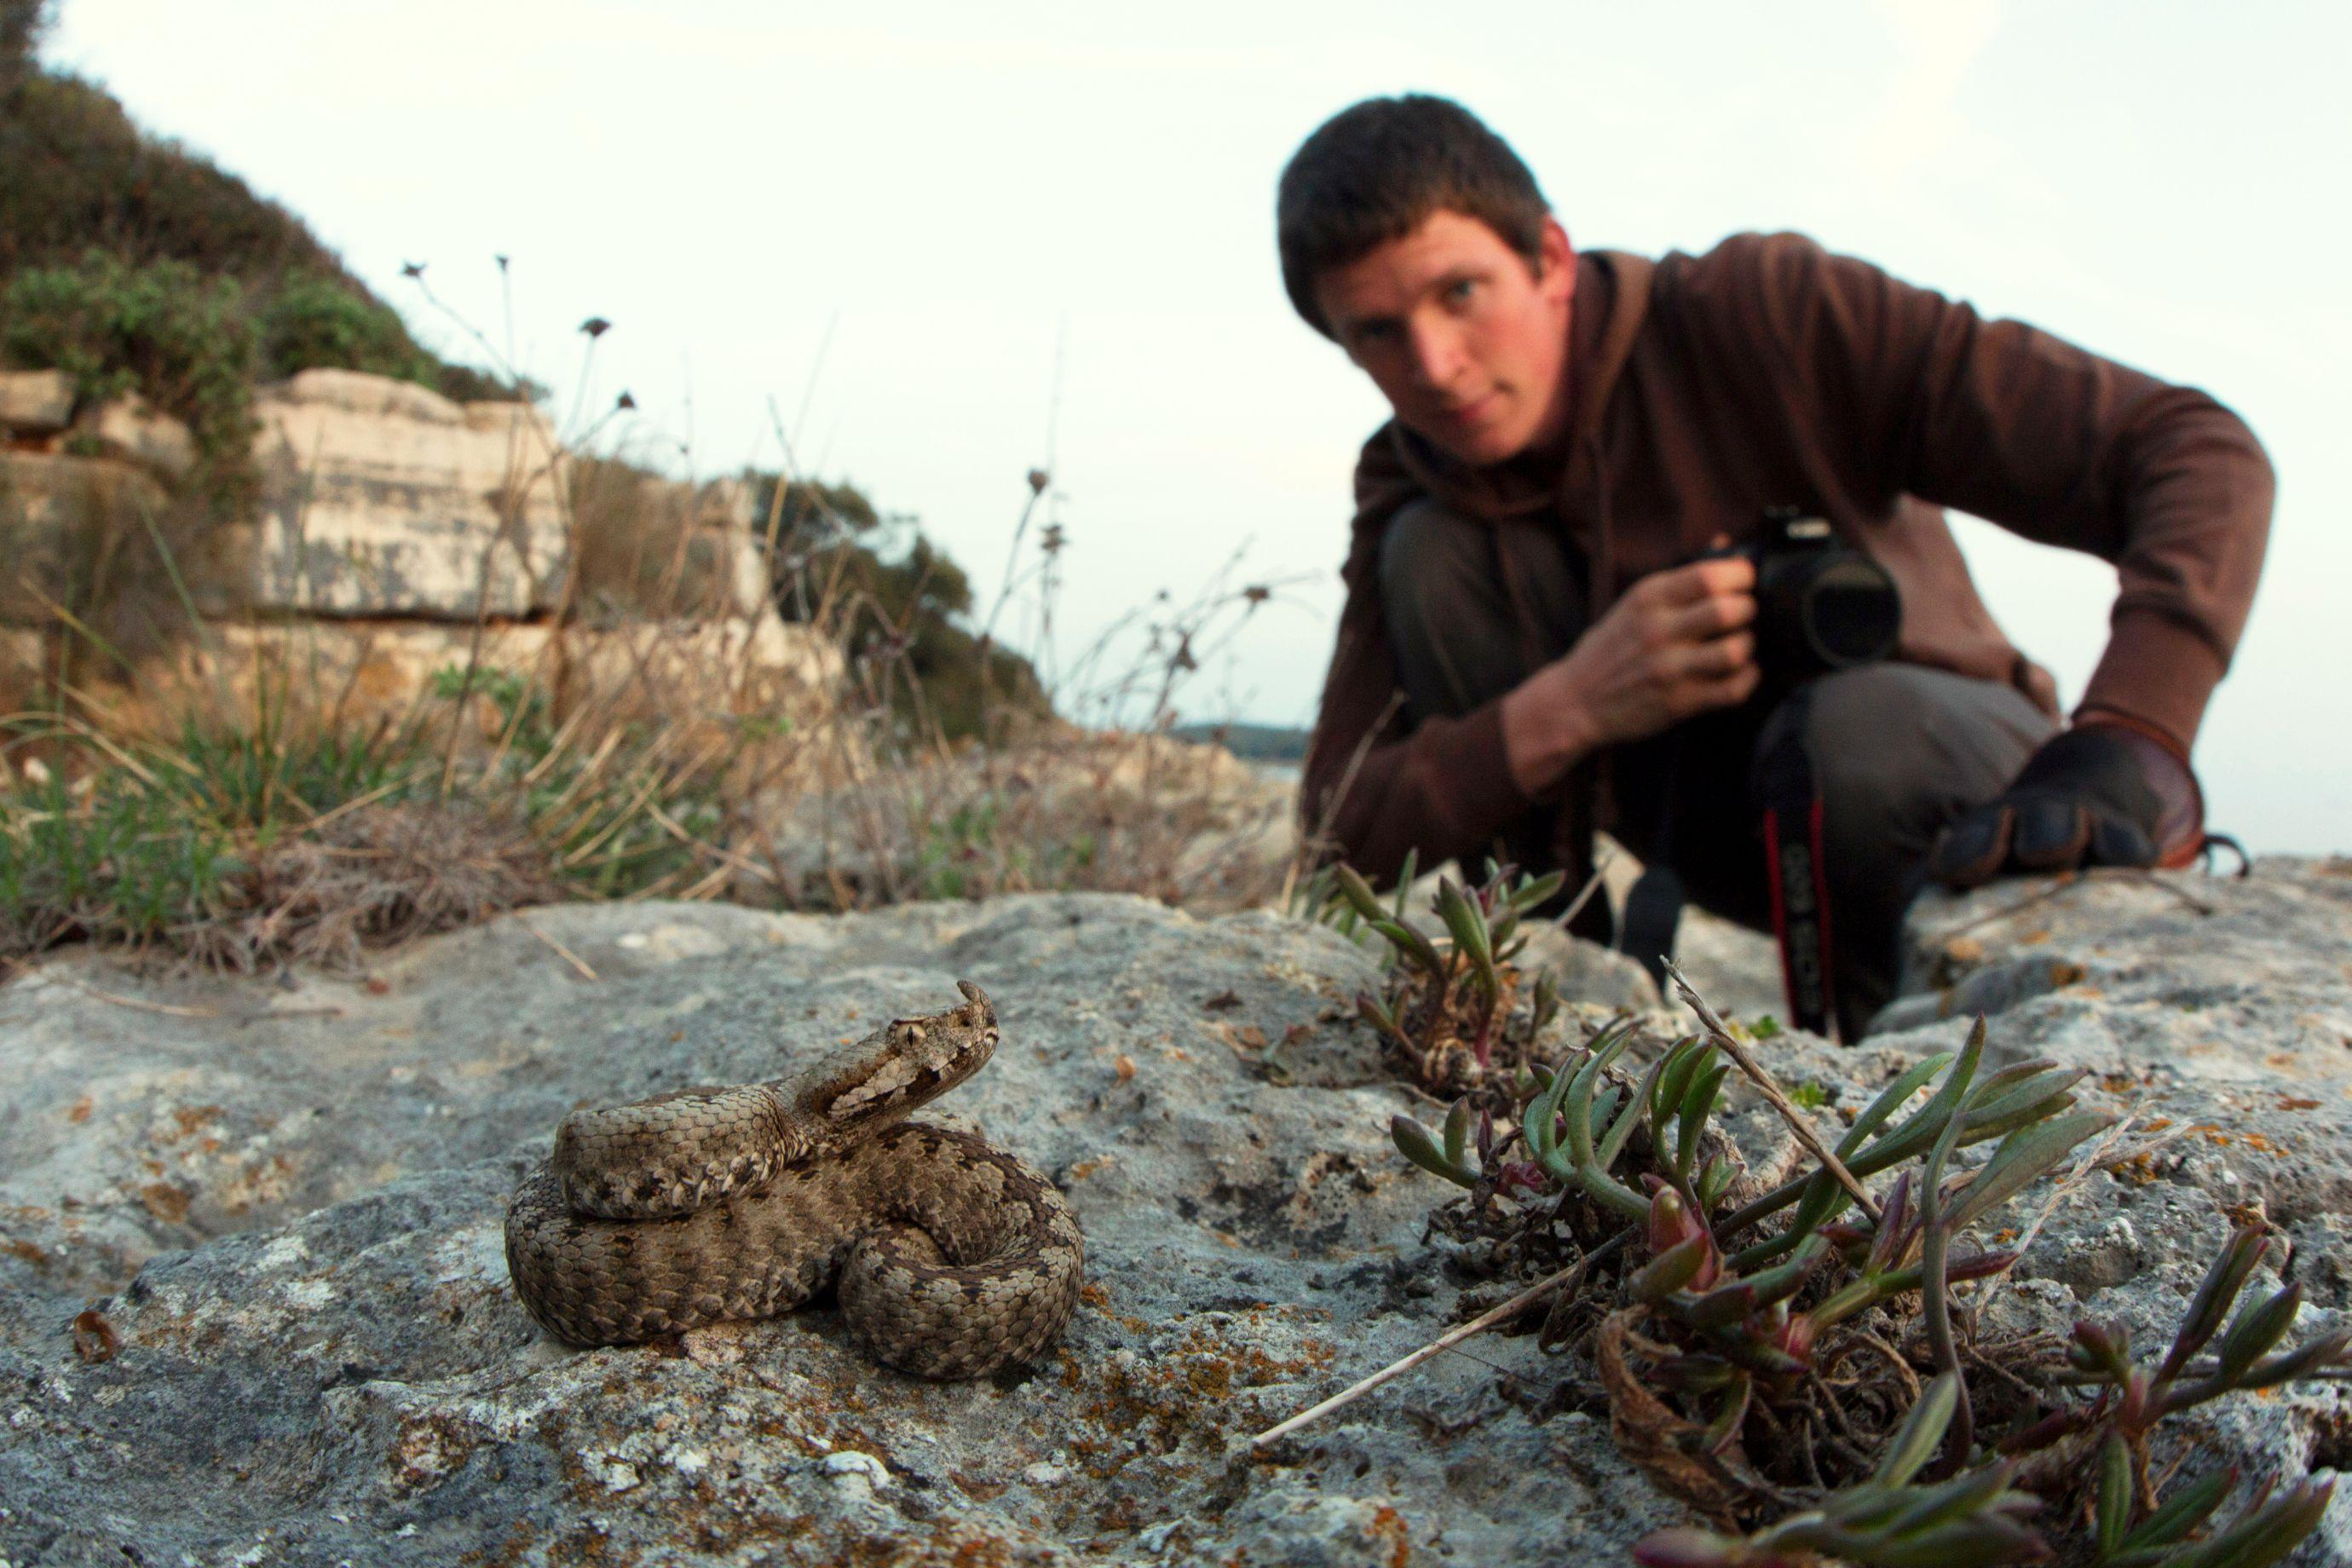 Martin Ertner se specializuje na focení plazů ve volné přírodě